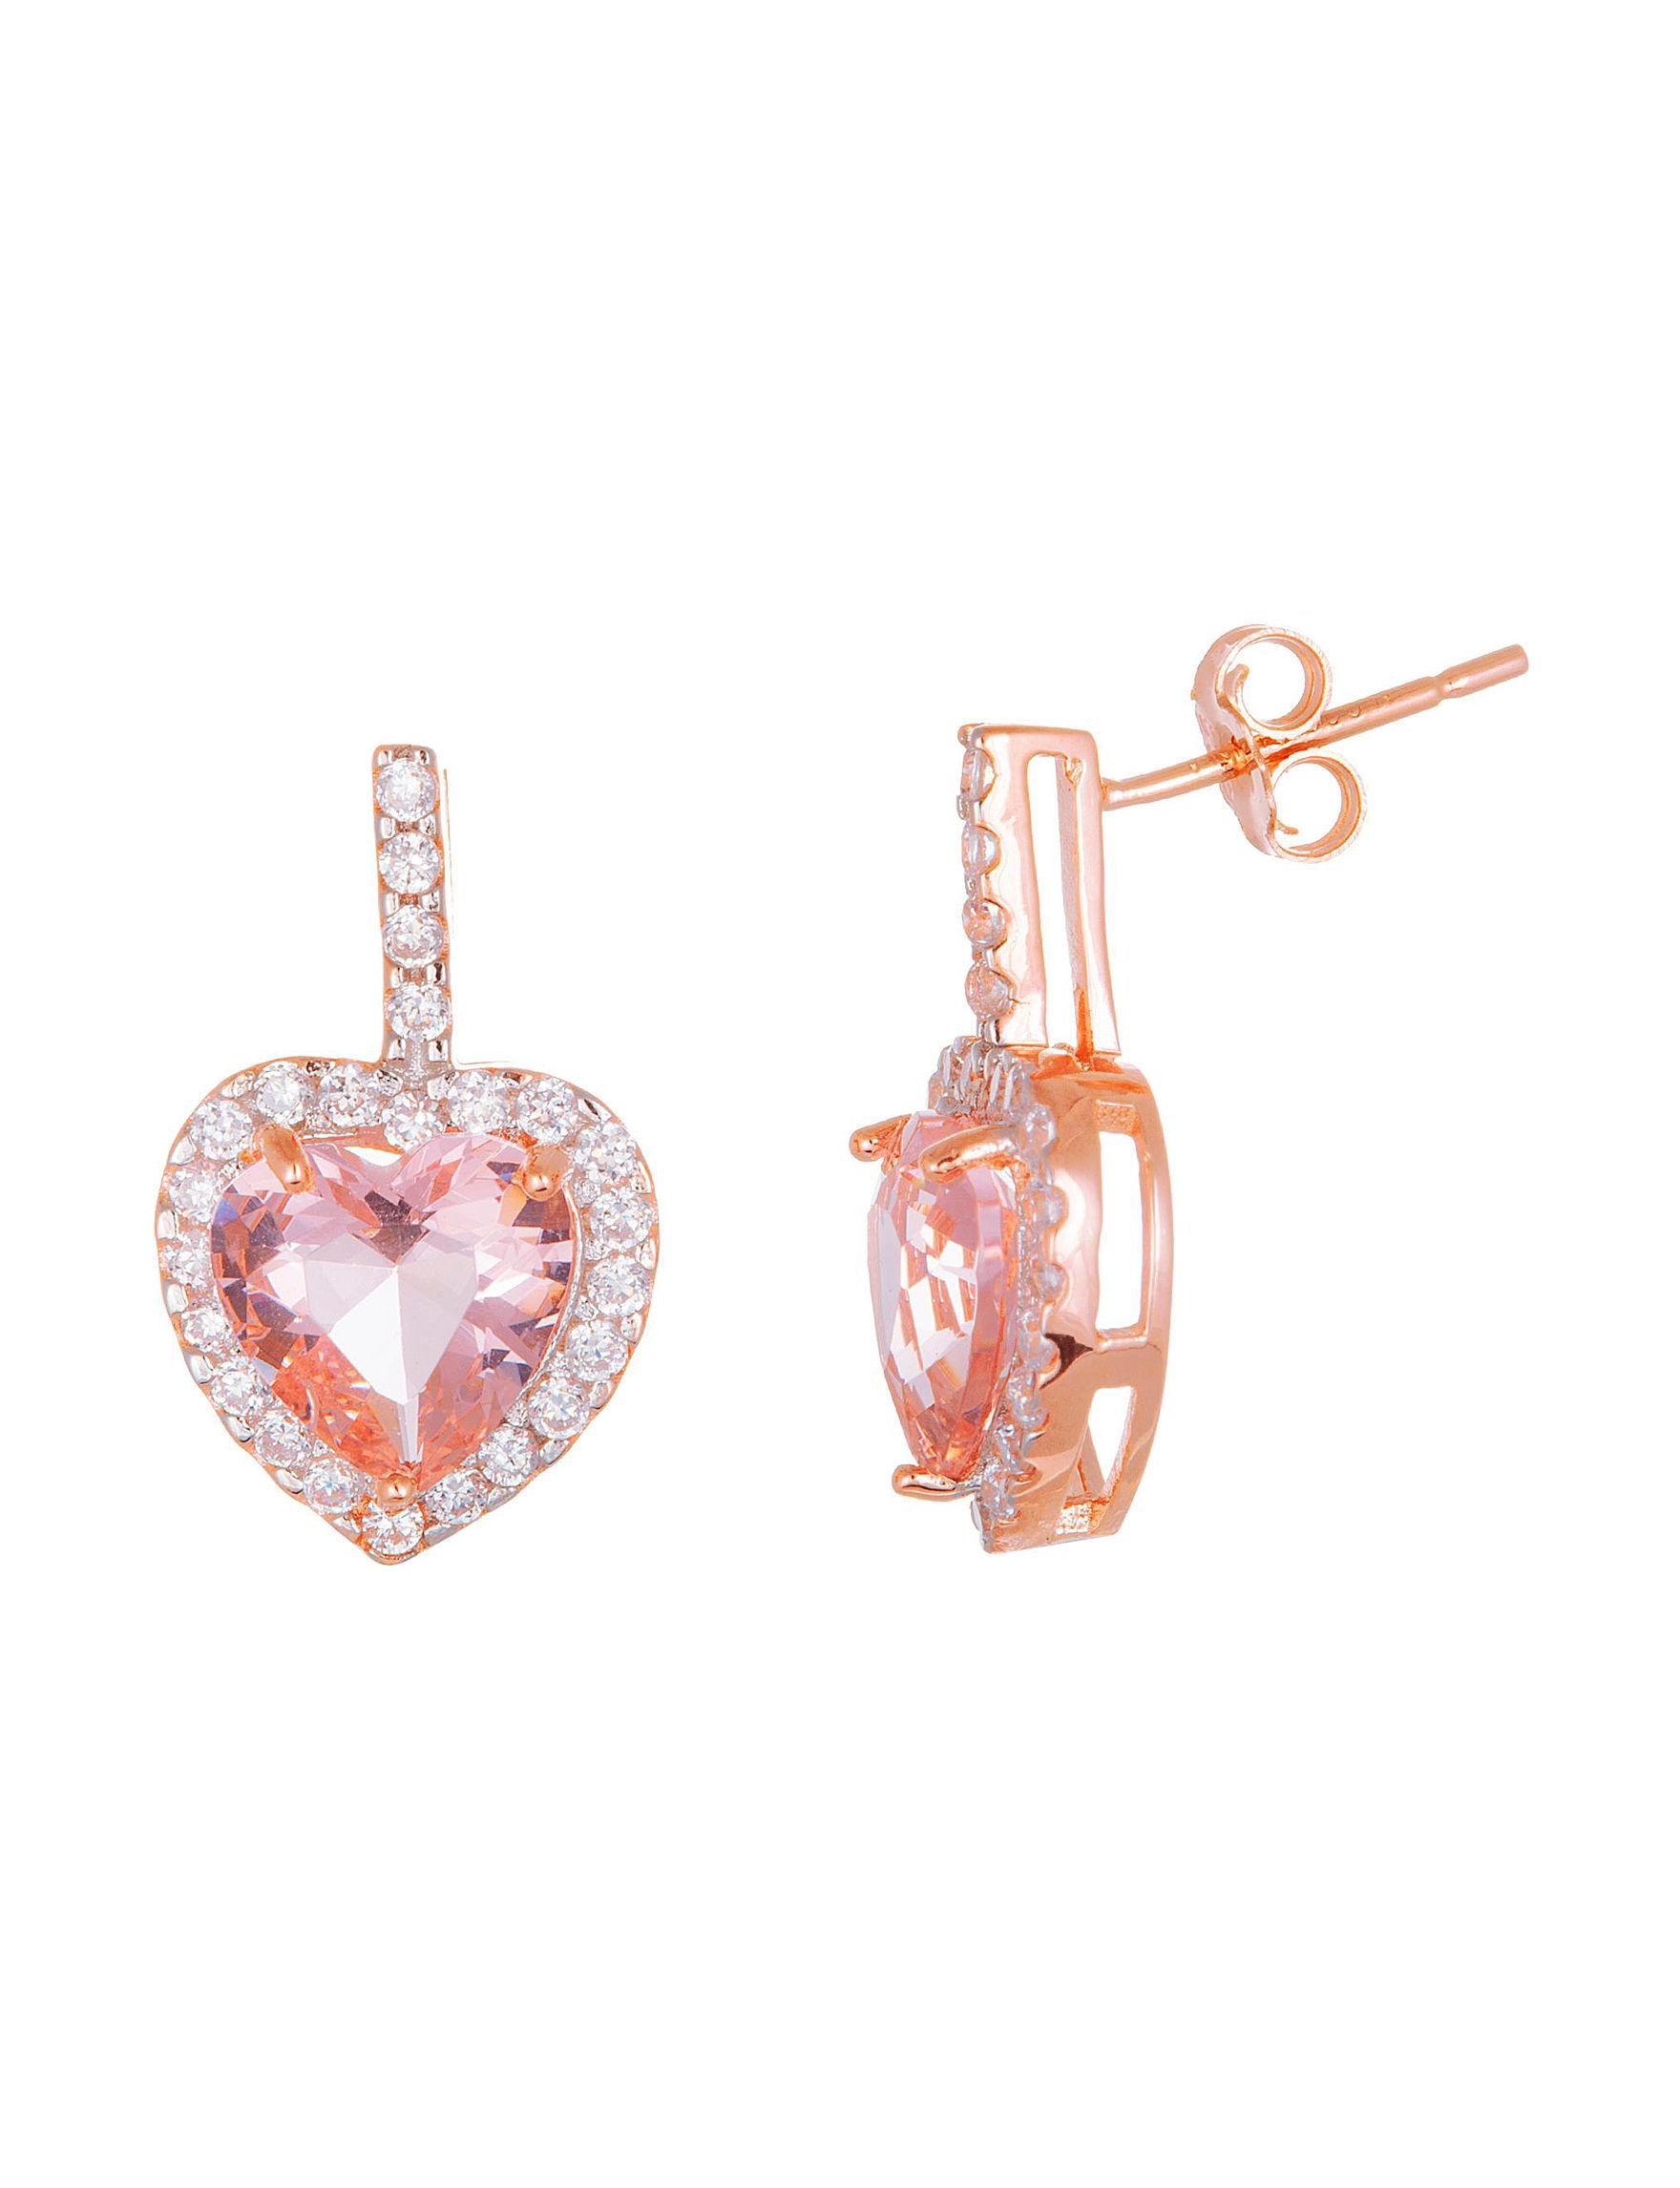 NES Rose Gold Studs Earrings Fine Jewelry